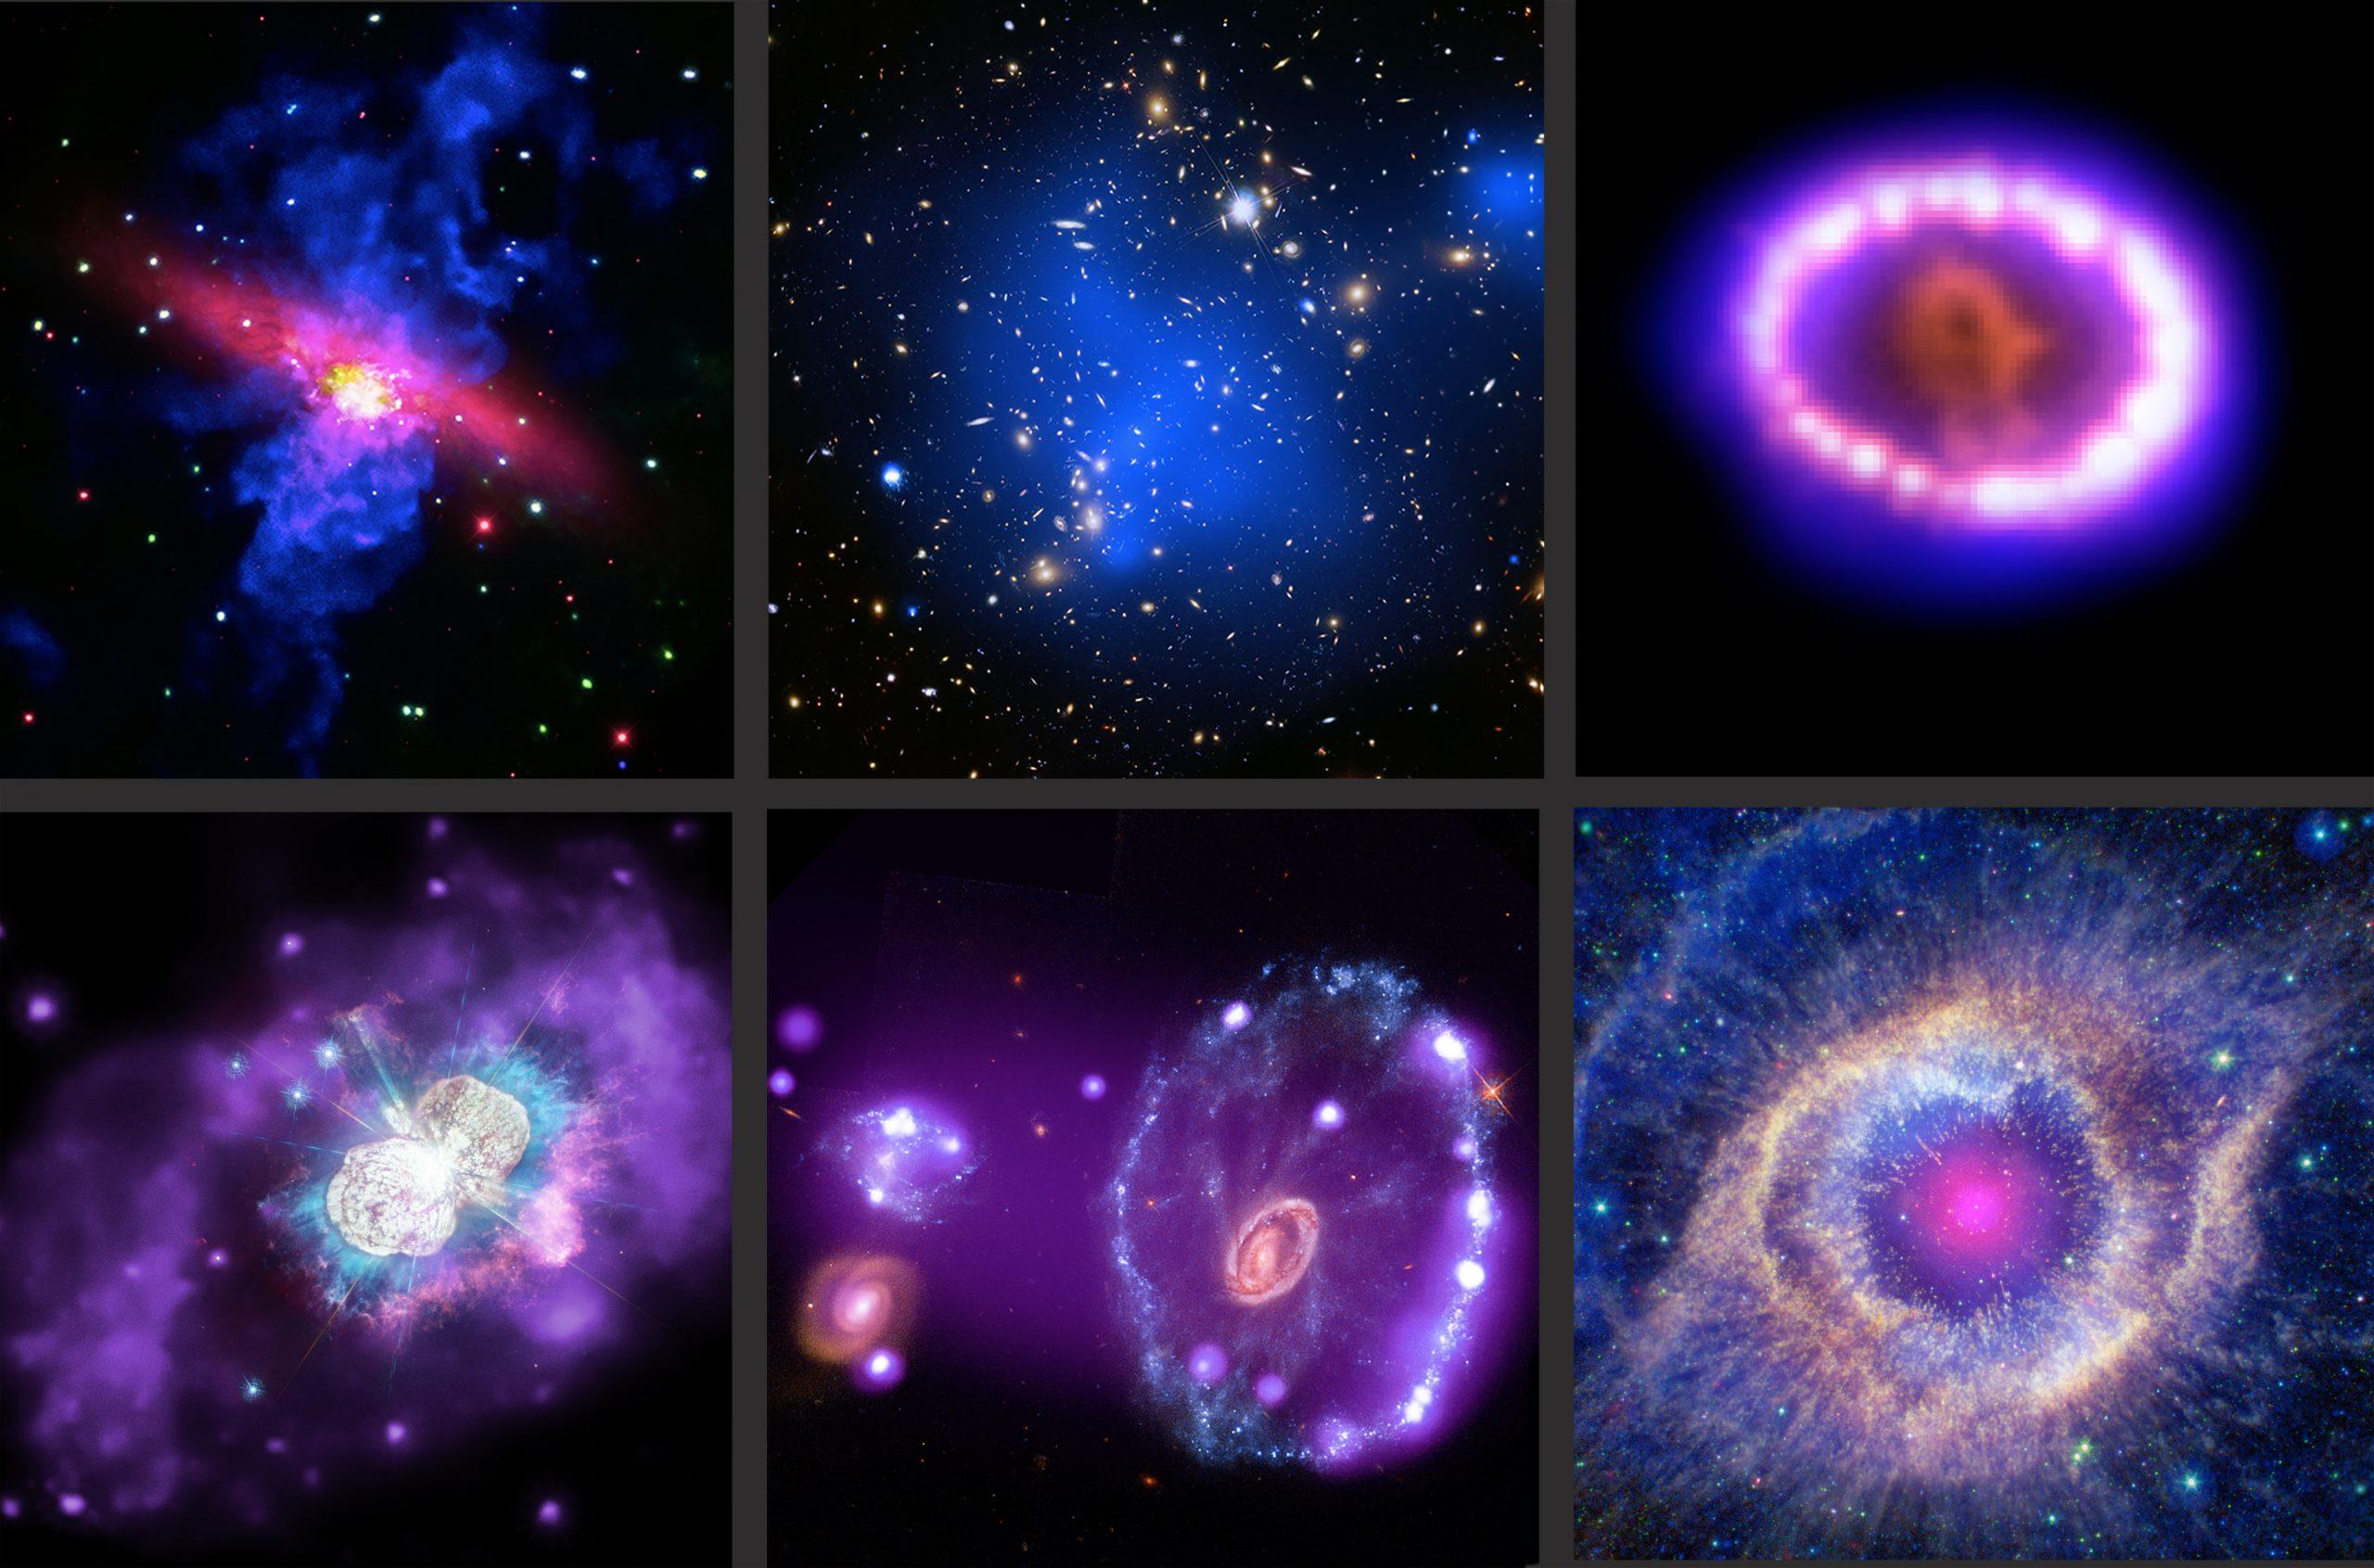 Chandra nos enseña los secretos del cosmos más allá de la luz visible